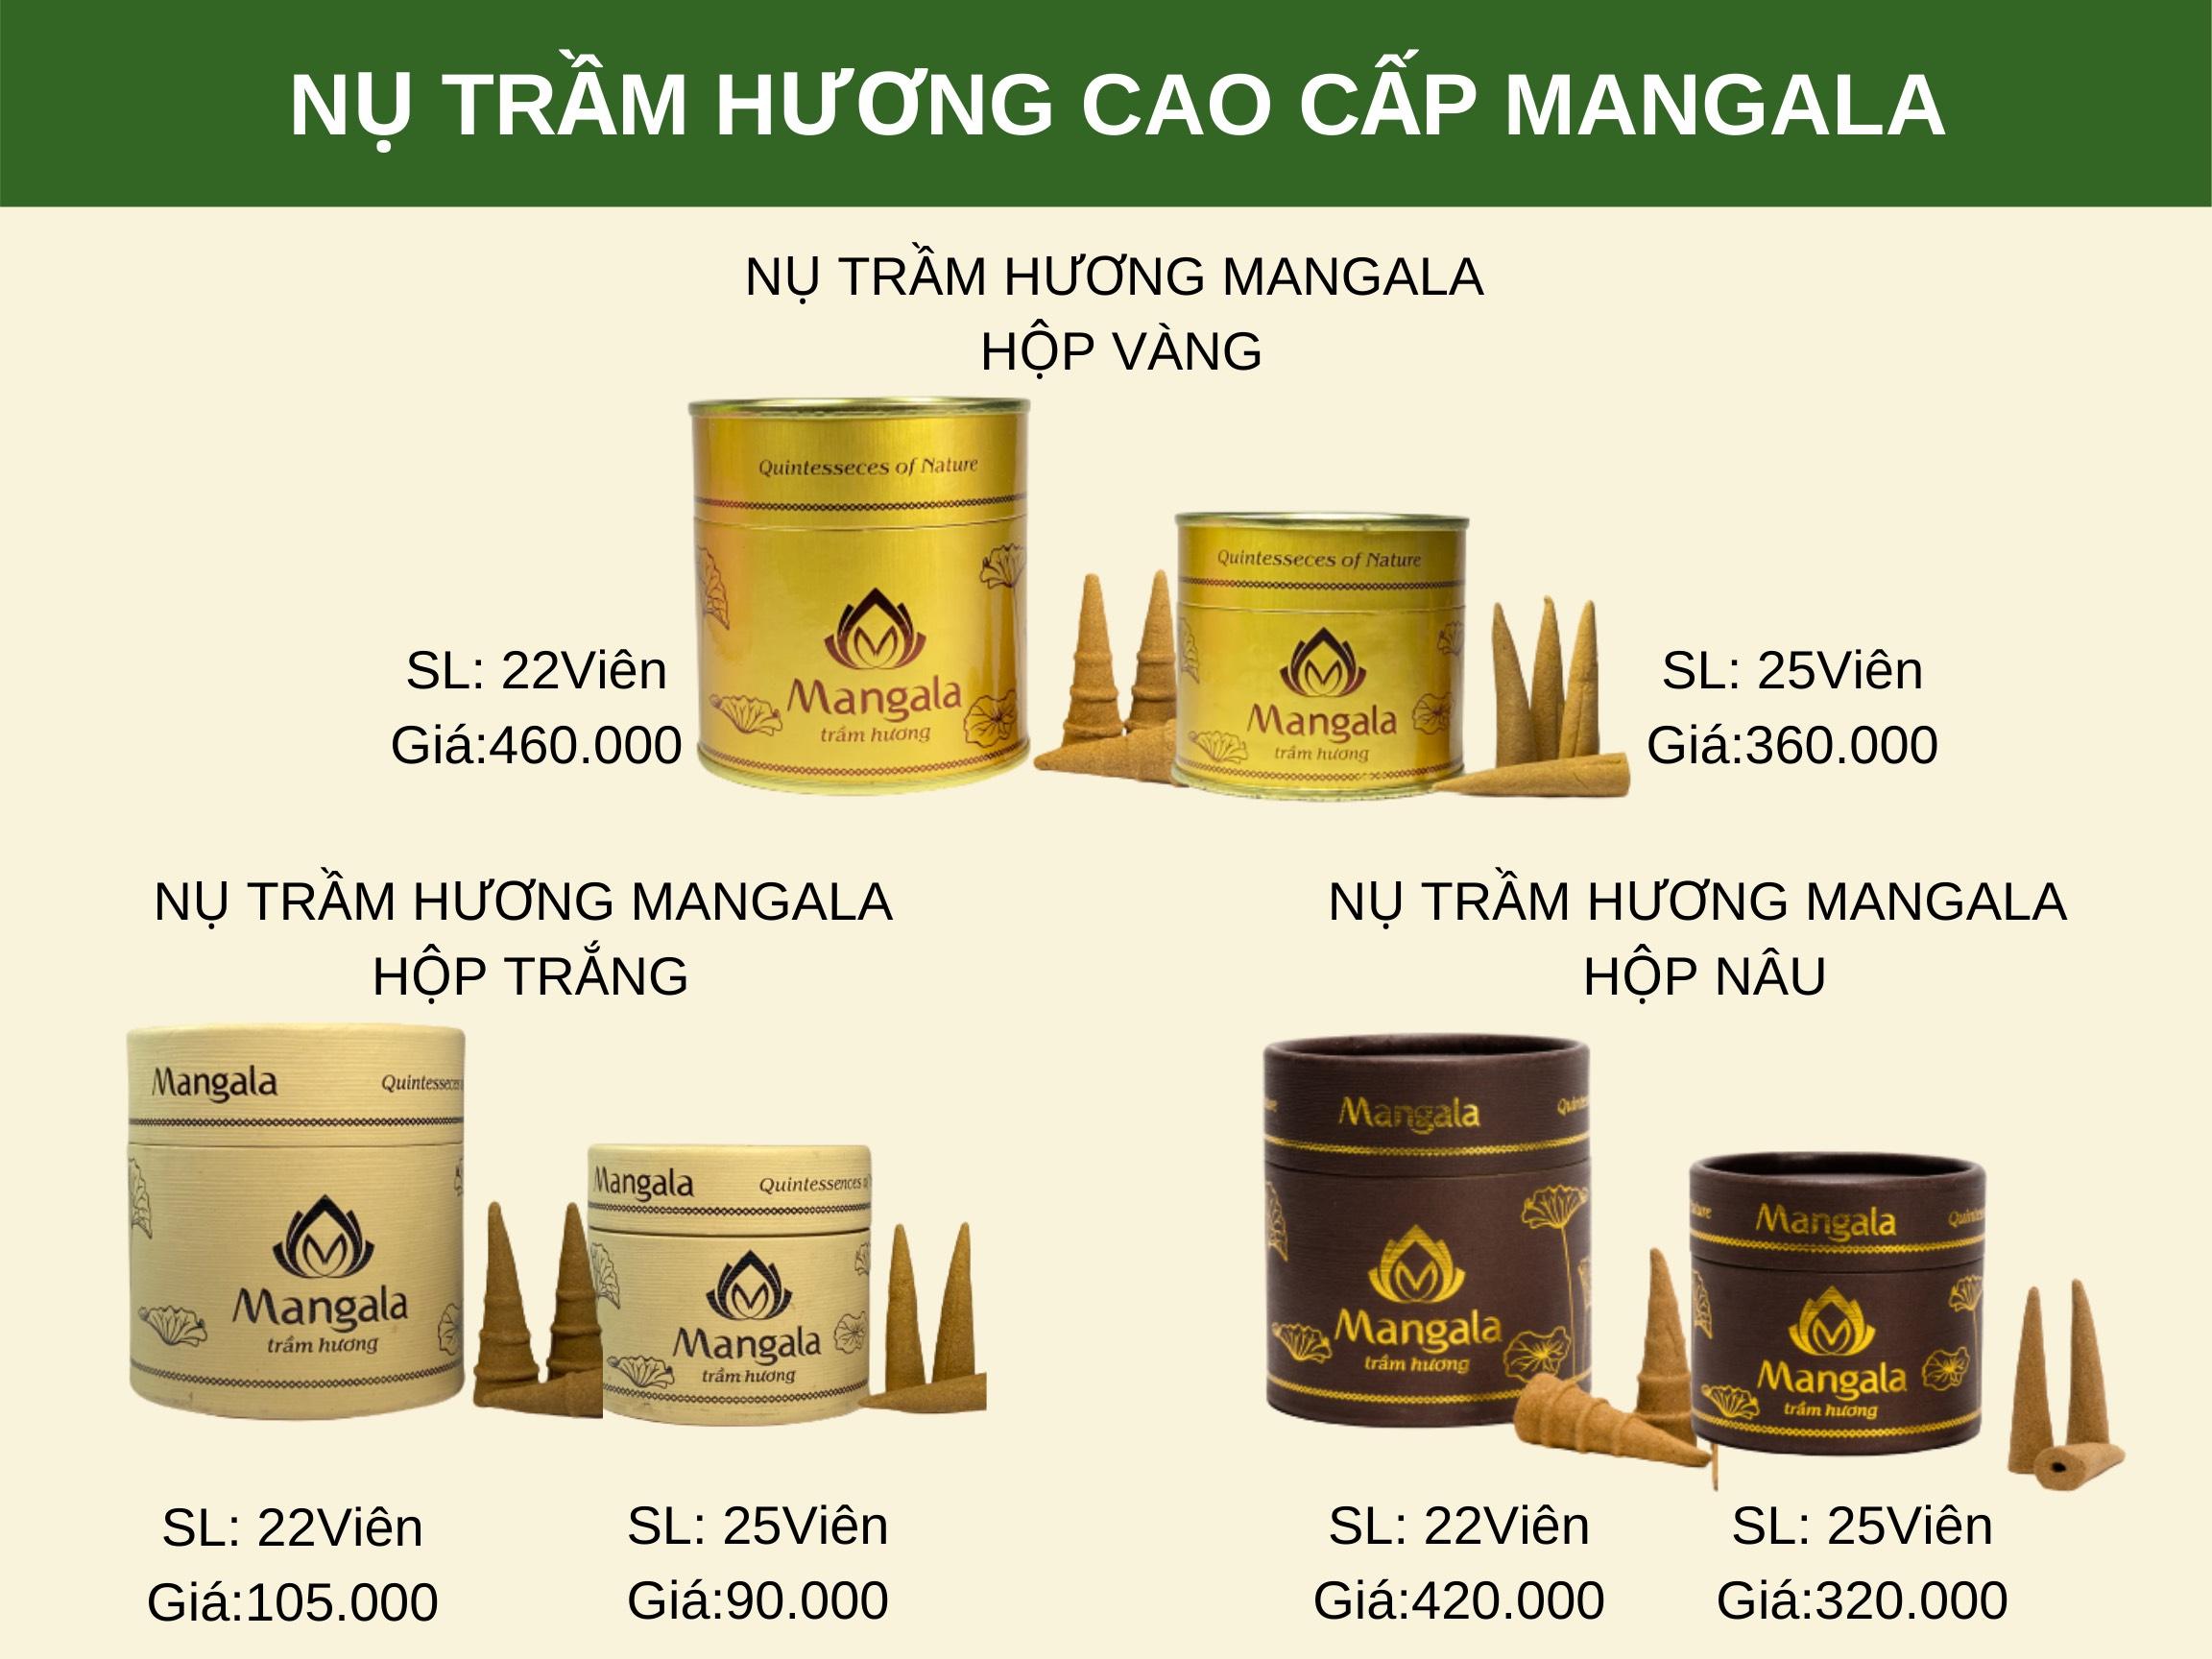 giá nụ trầm hương cao cấp mangala